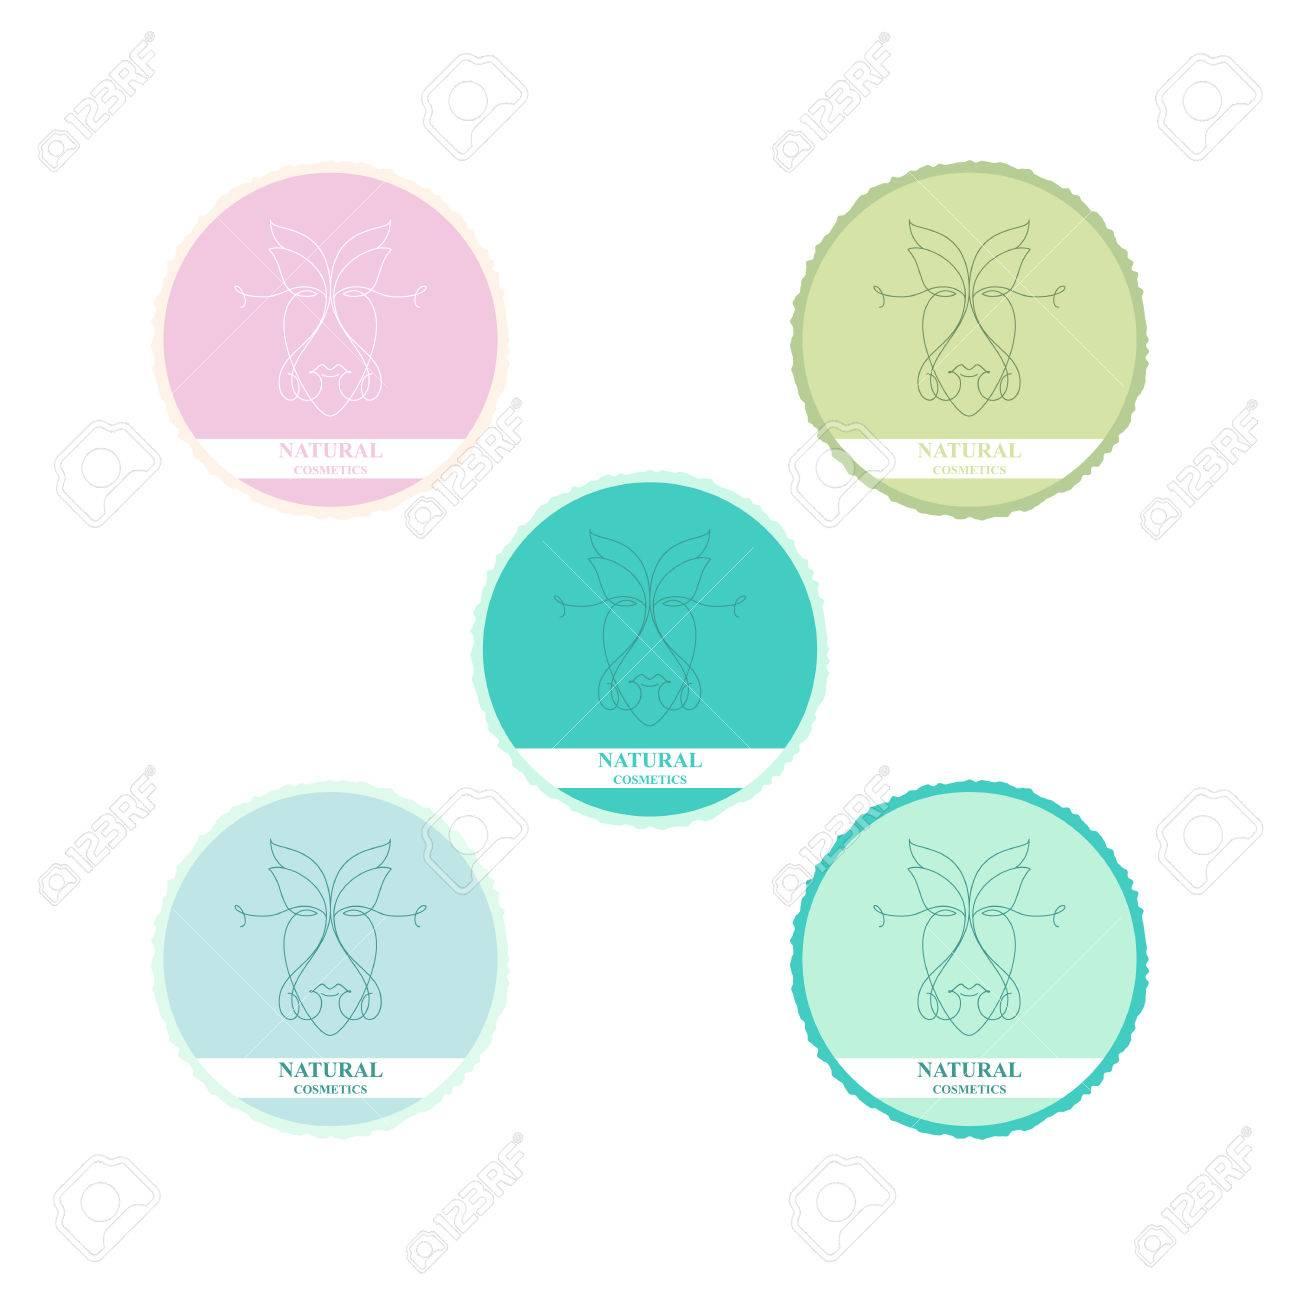 Vector Natural Cosmetics Logo Cosmetics Symbols Symbols For